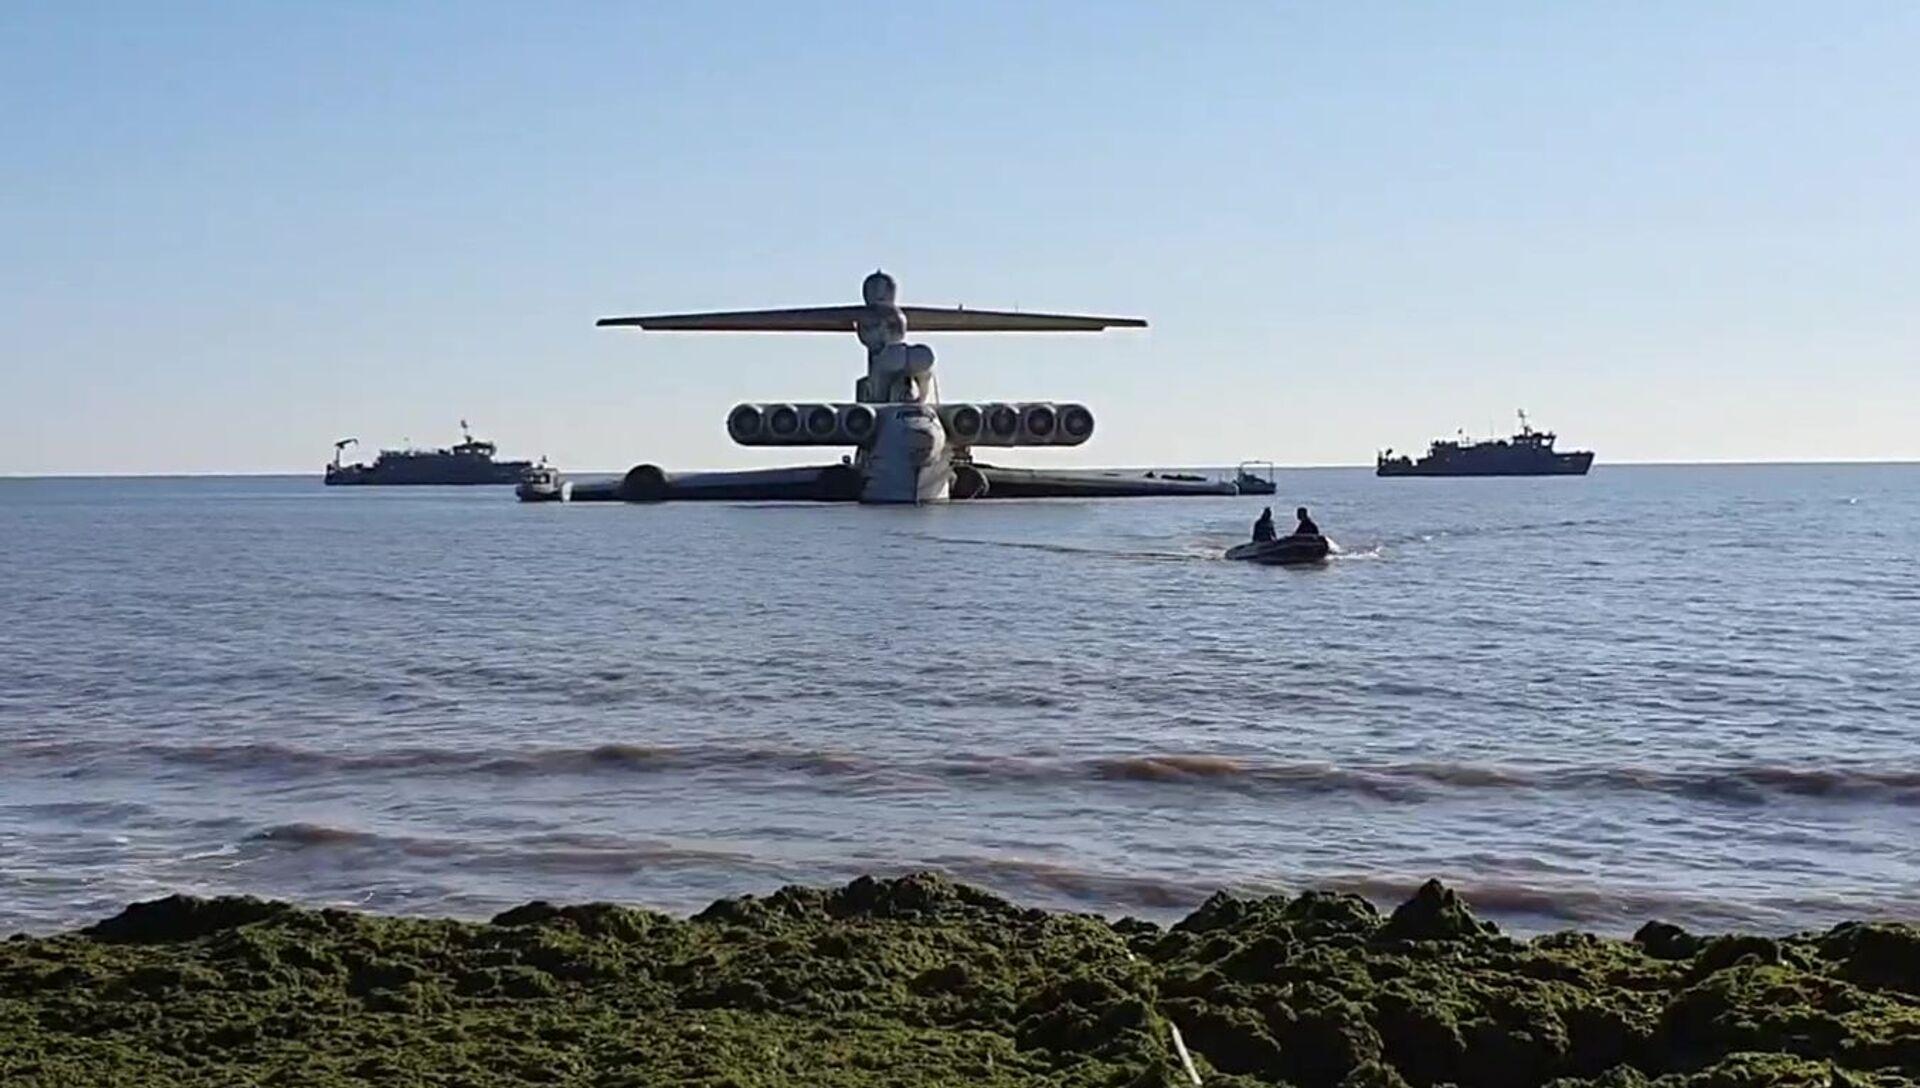 Ekranoplán MD-160 na pobřeží Černého moře poté, co byl převezen do ruské Dagestánské republiky.  - Sputnik Česká republika, 1920, 20.04.2021